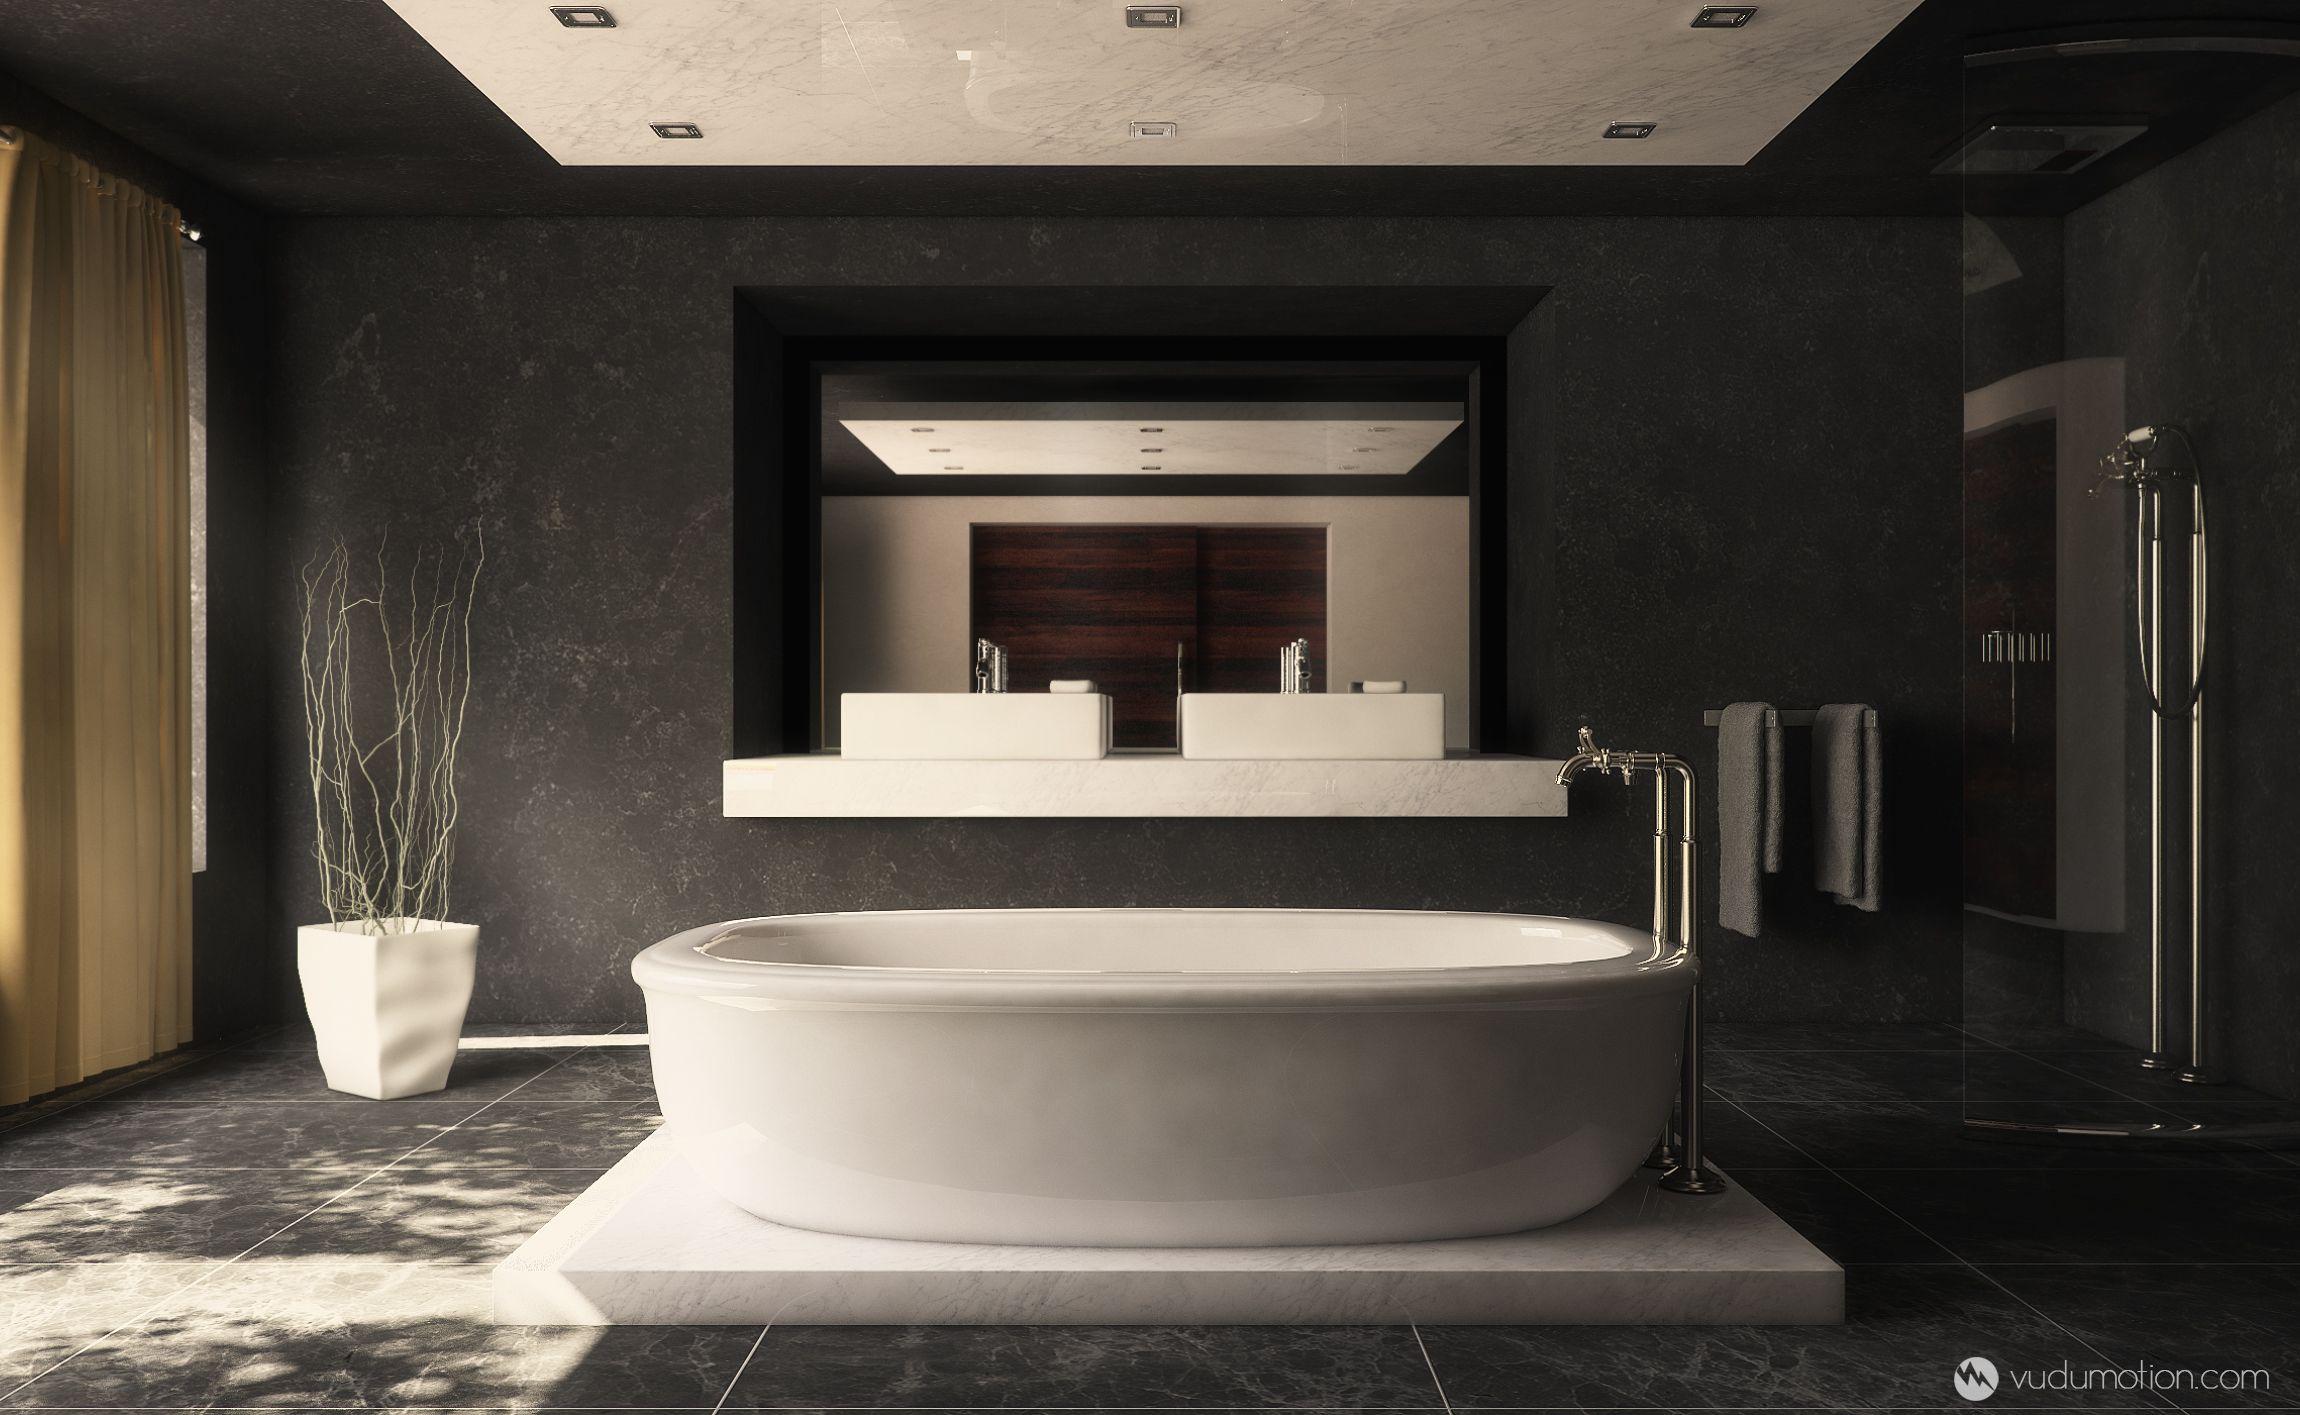 Contemporary Bathroom By Vudumotion Deviantart Com On Deviantart